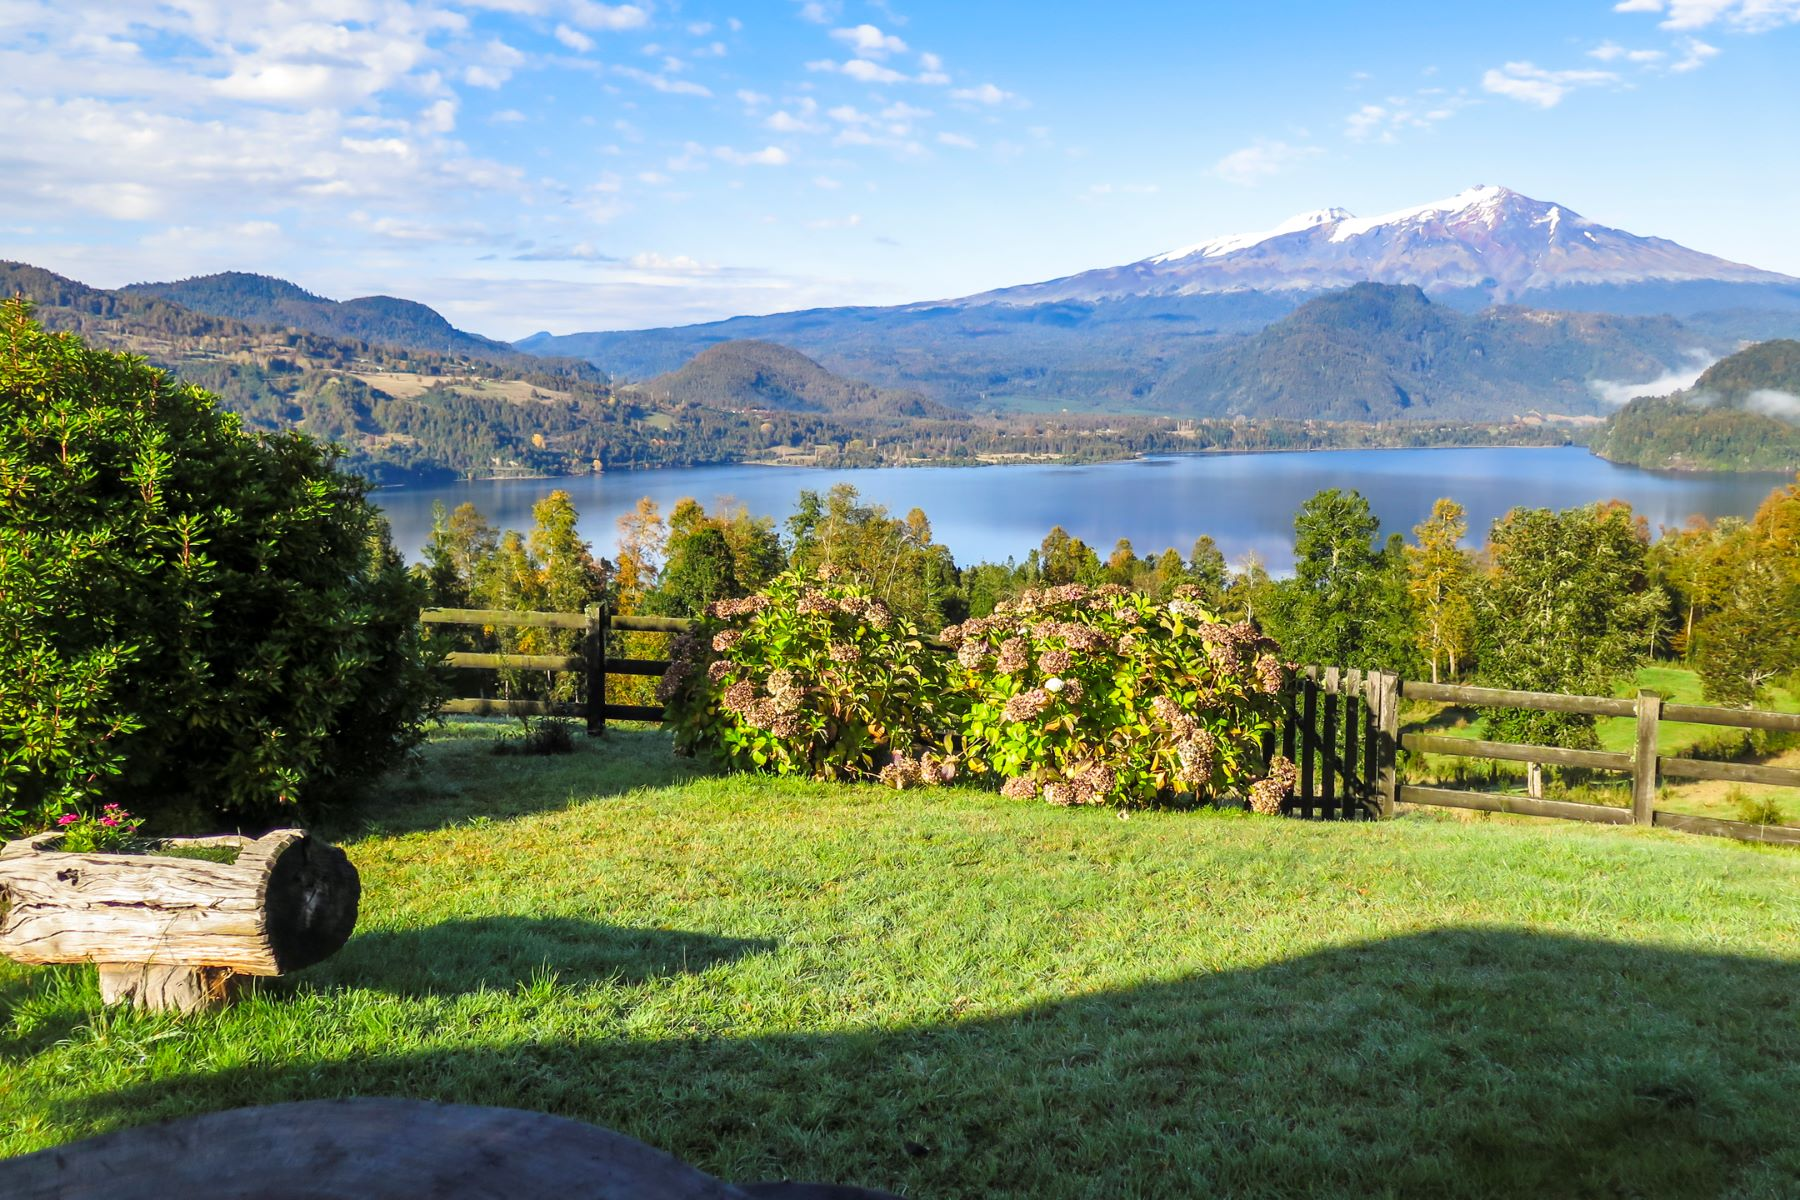 农场 / 牧场 / 种植园 为 销售 在 Lush Vegetation and Stunning Views in Lago Neltume, Panguipulli Panguipulli, Valdivia, Los Rios 智利